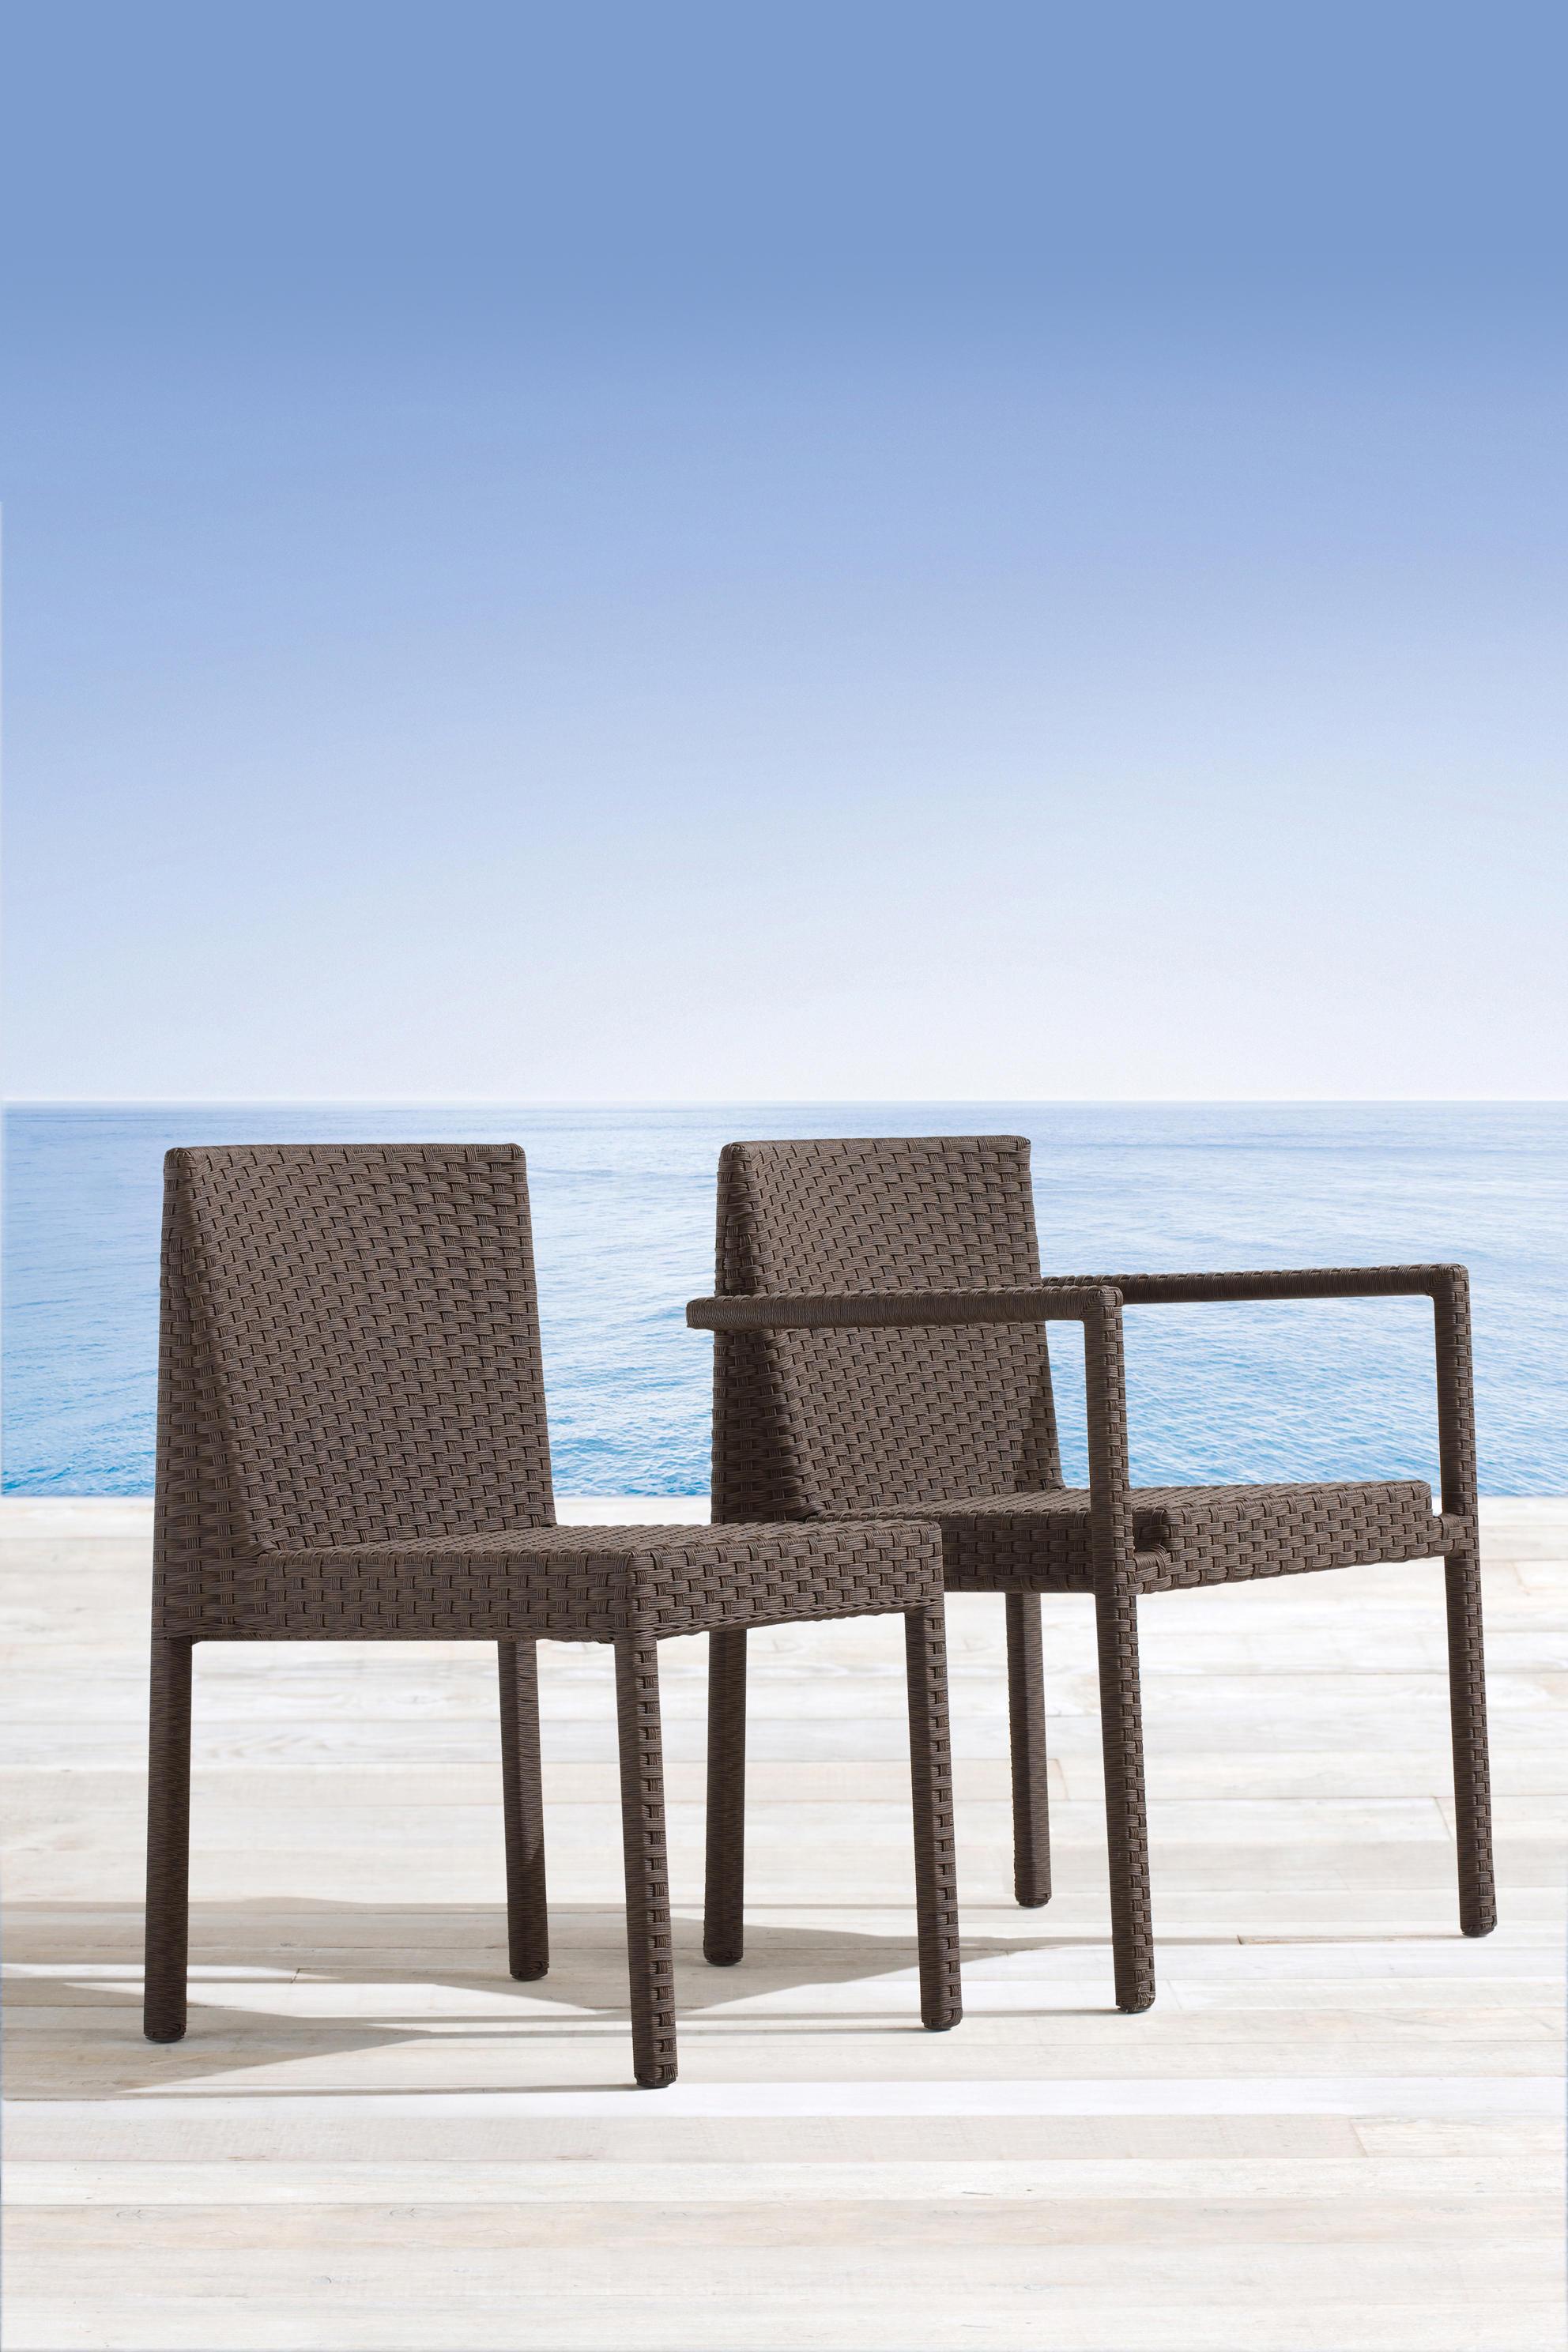 ST. TROPEZ 9540   9541 CHAIR - Gartenstühle von Roberti Rattan ...